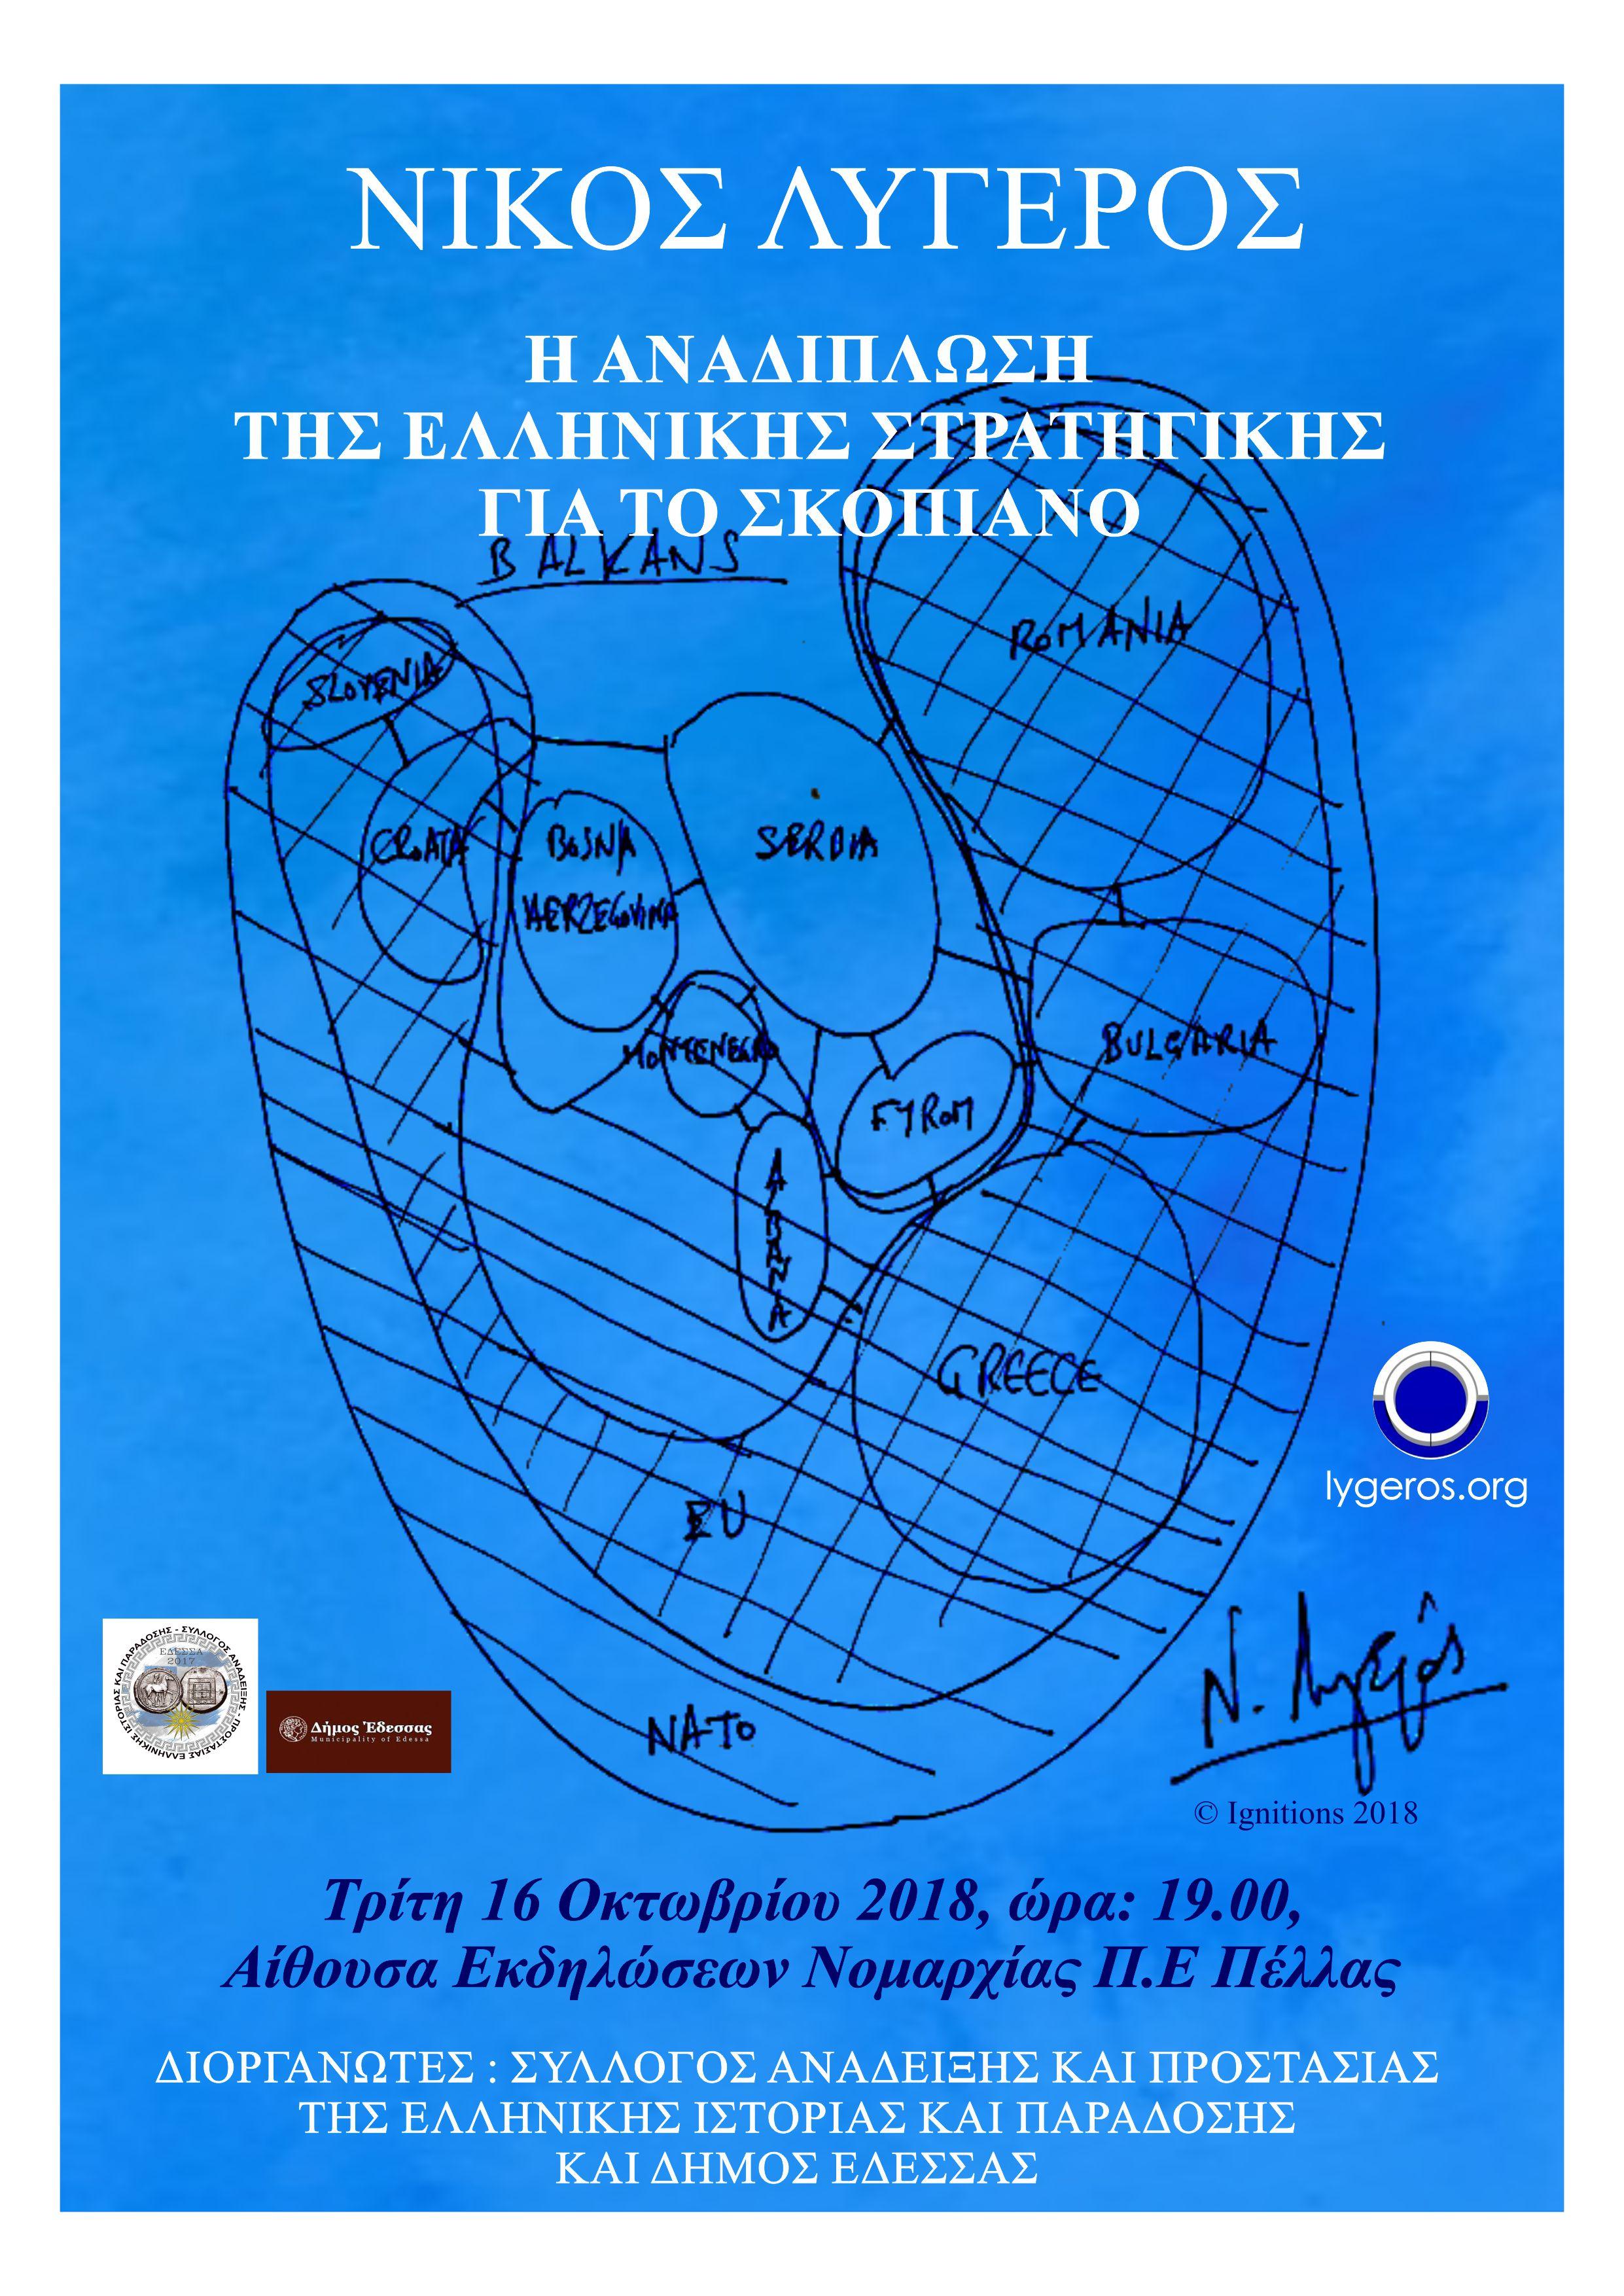 Διάλεξη: Η αναδίπλωση της ελληνικής στρατηγικής για το Σκοπιανό